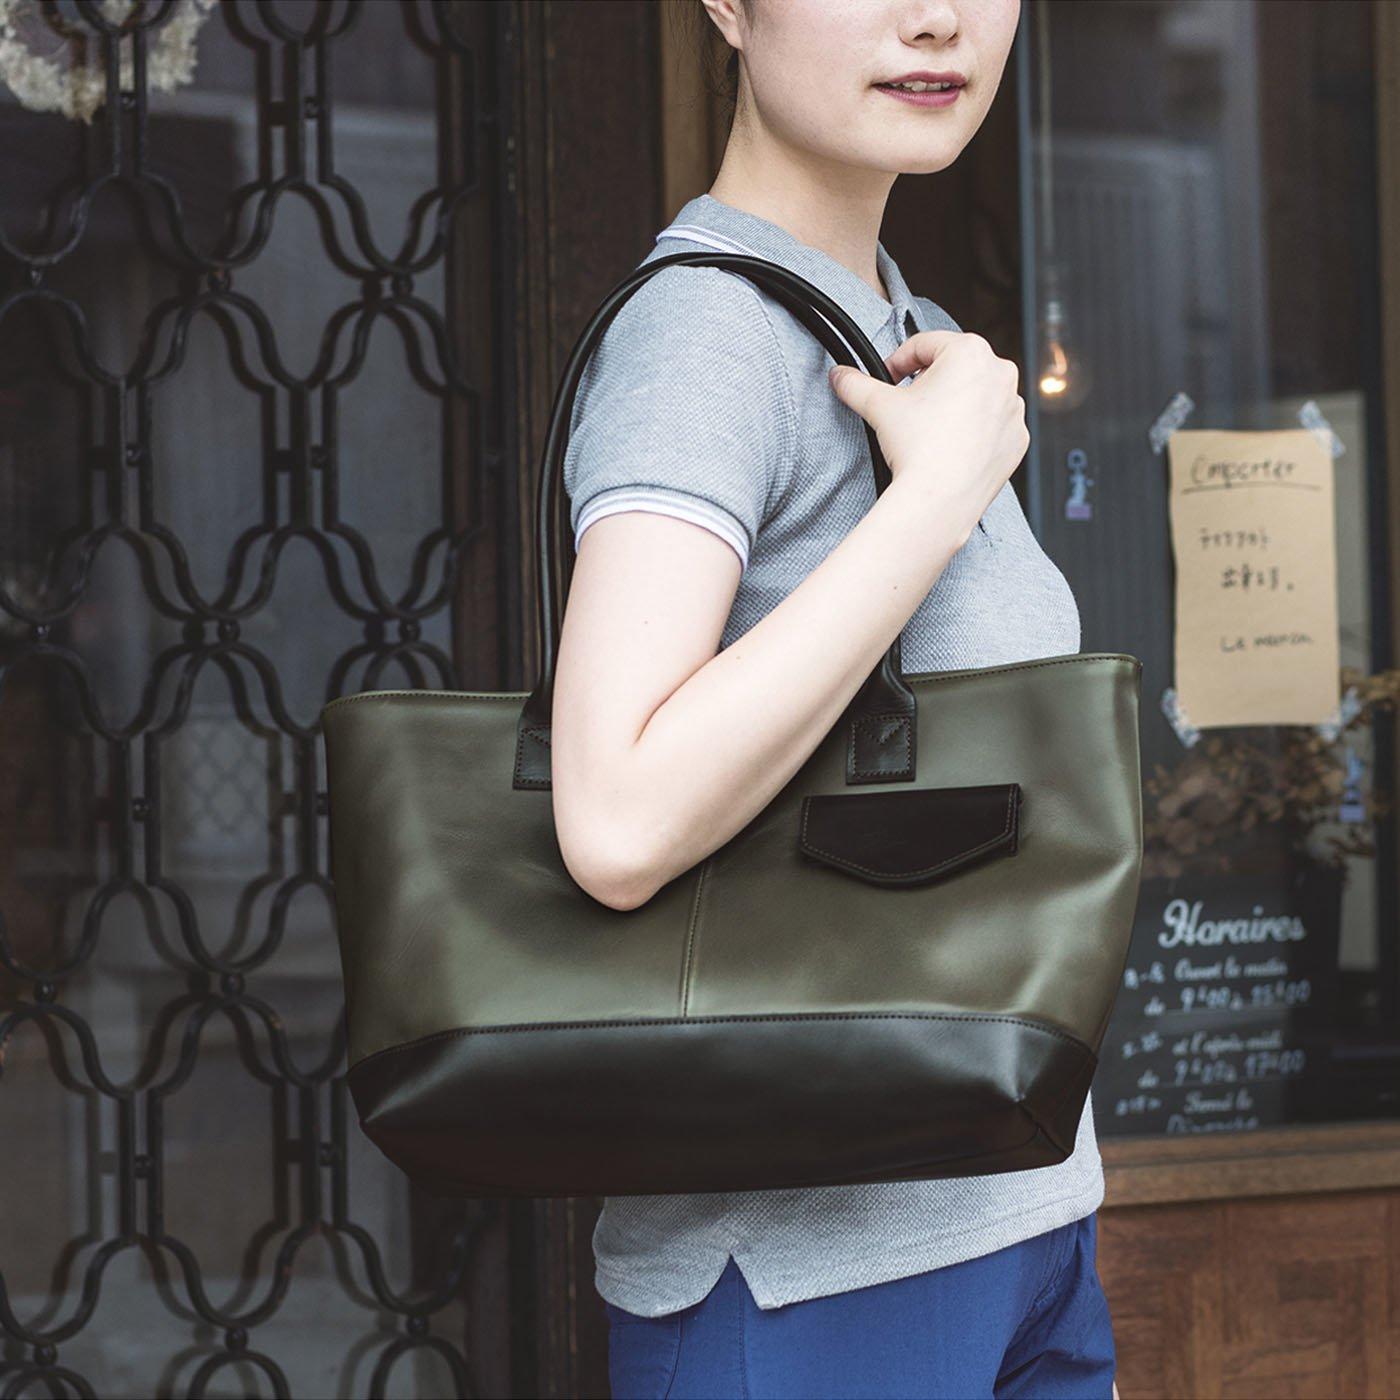 目隠しフラップがうれしい オールレザートートバッグ (フォレストグリーン×ブラック)[本革 バッグ:日本製]